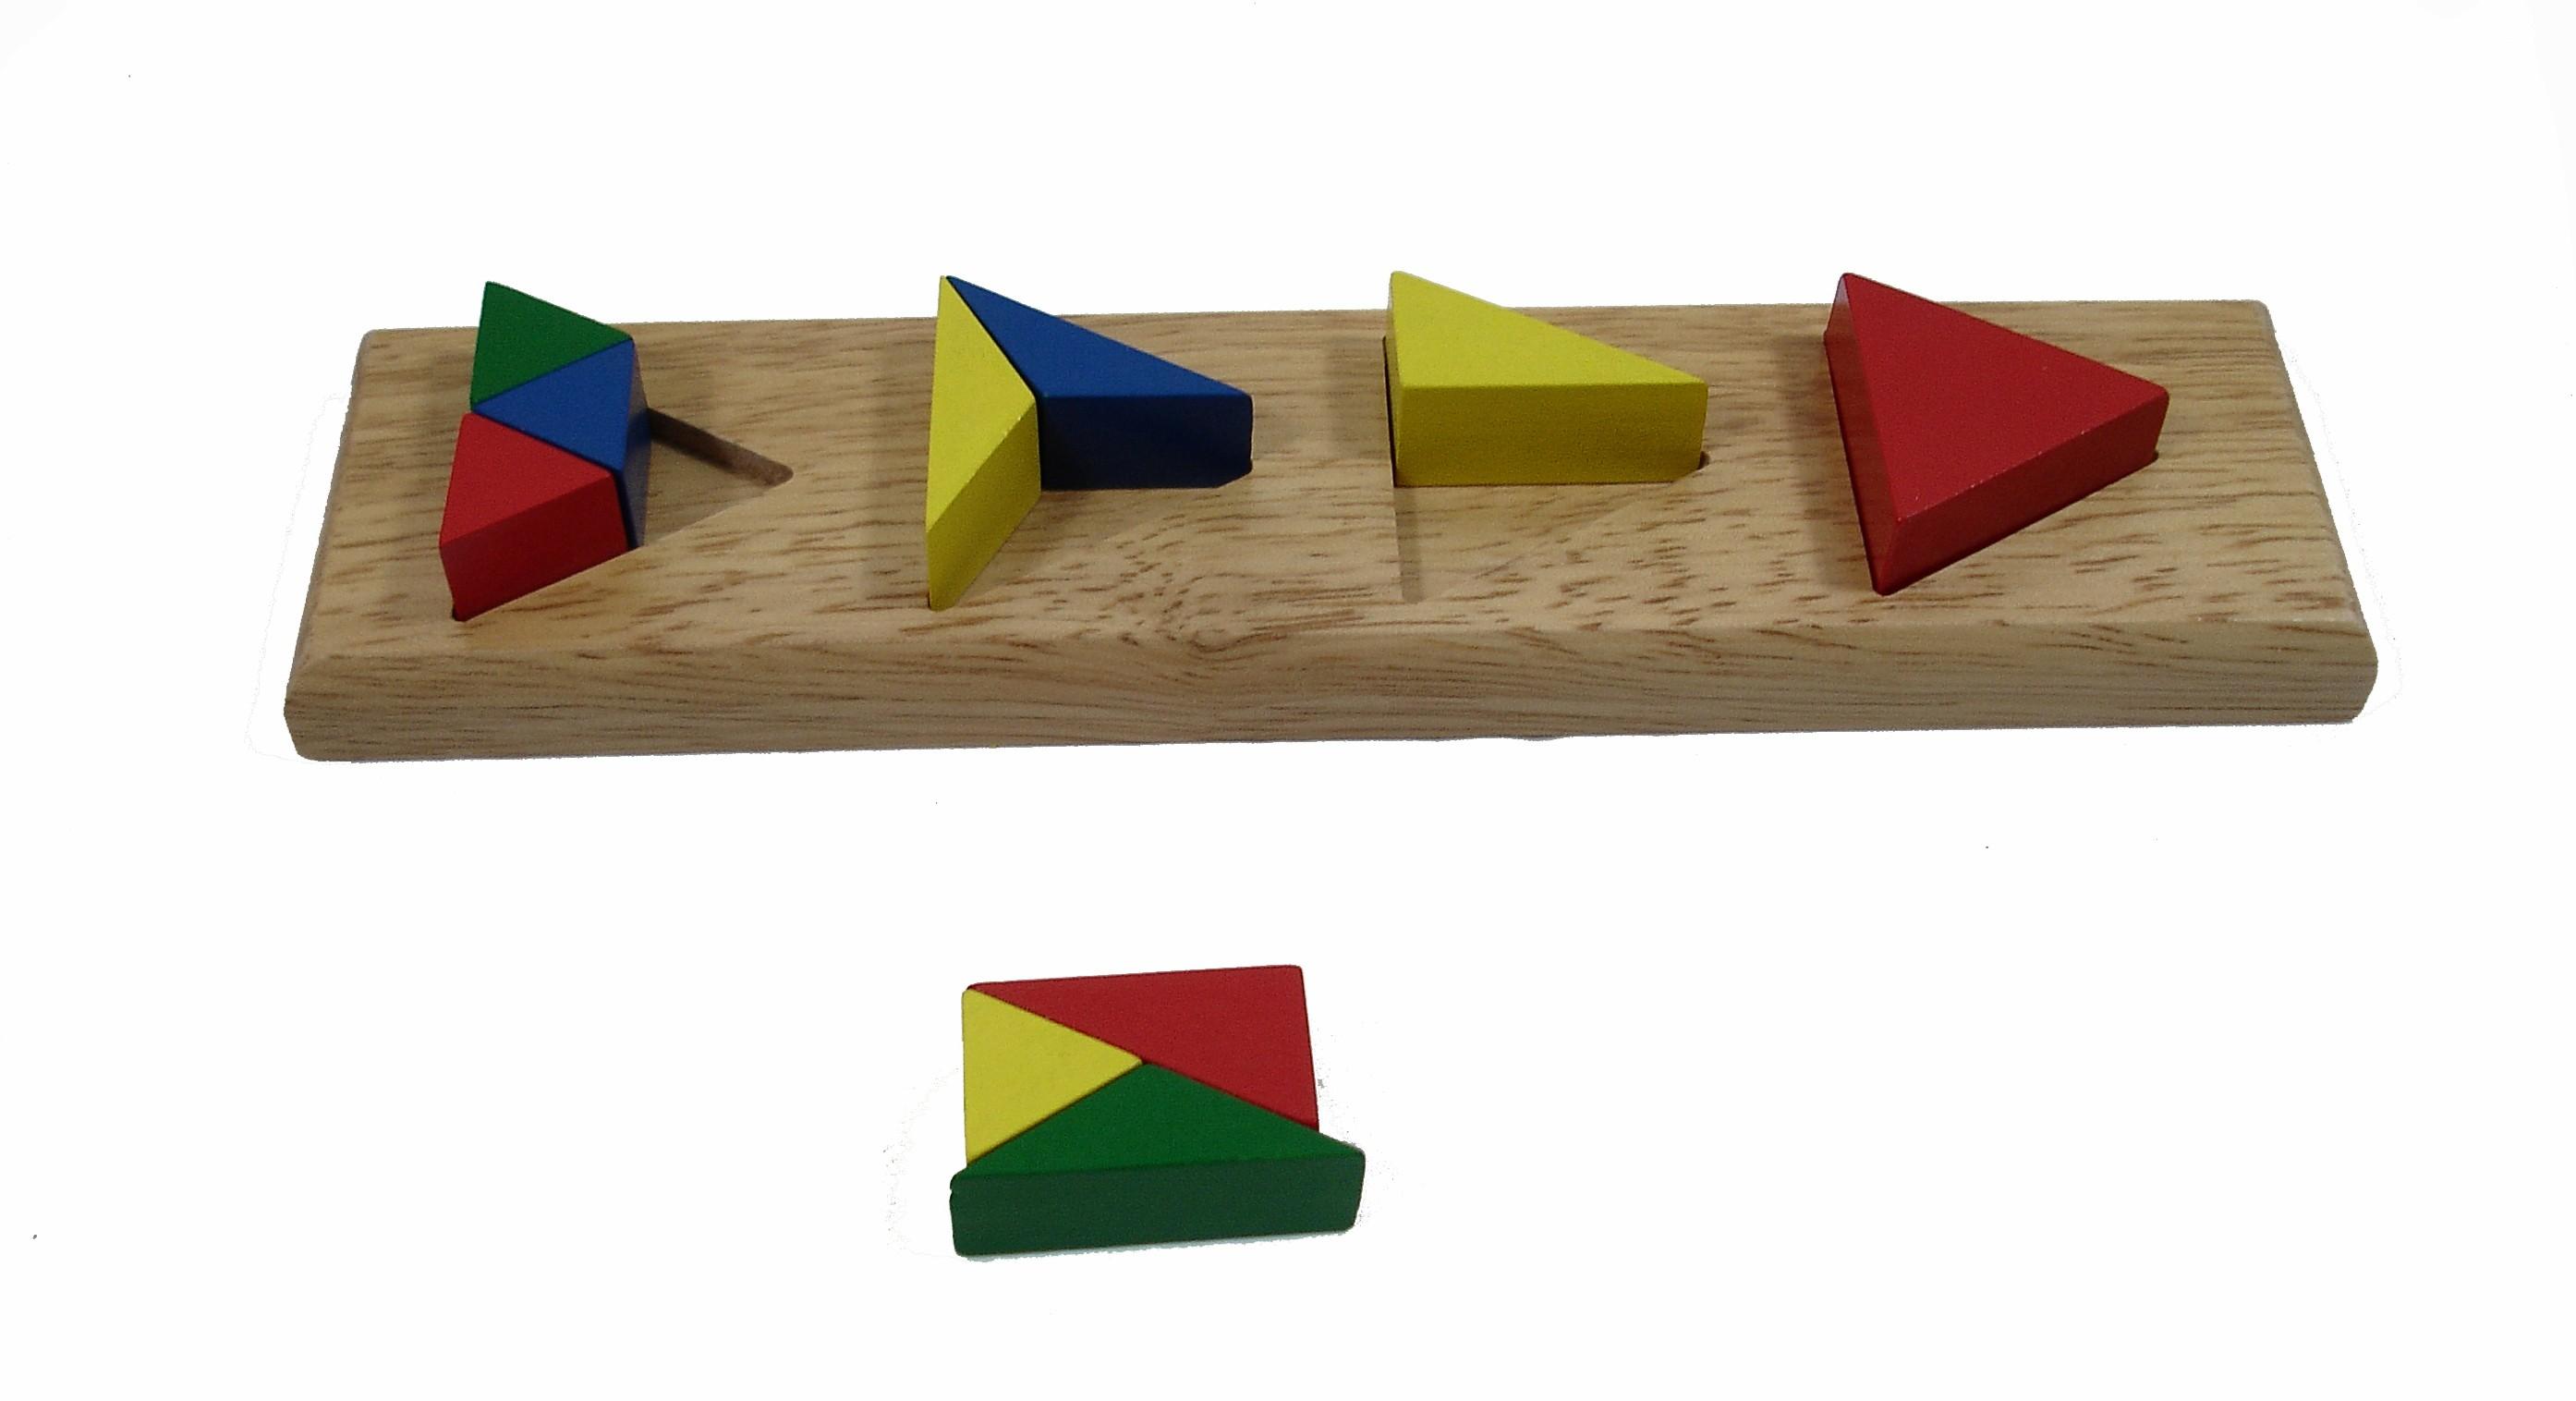 Barevné trojúhelníkové cihly